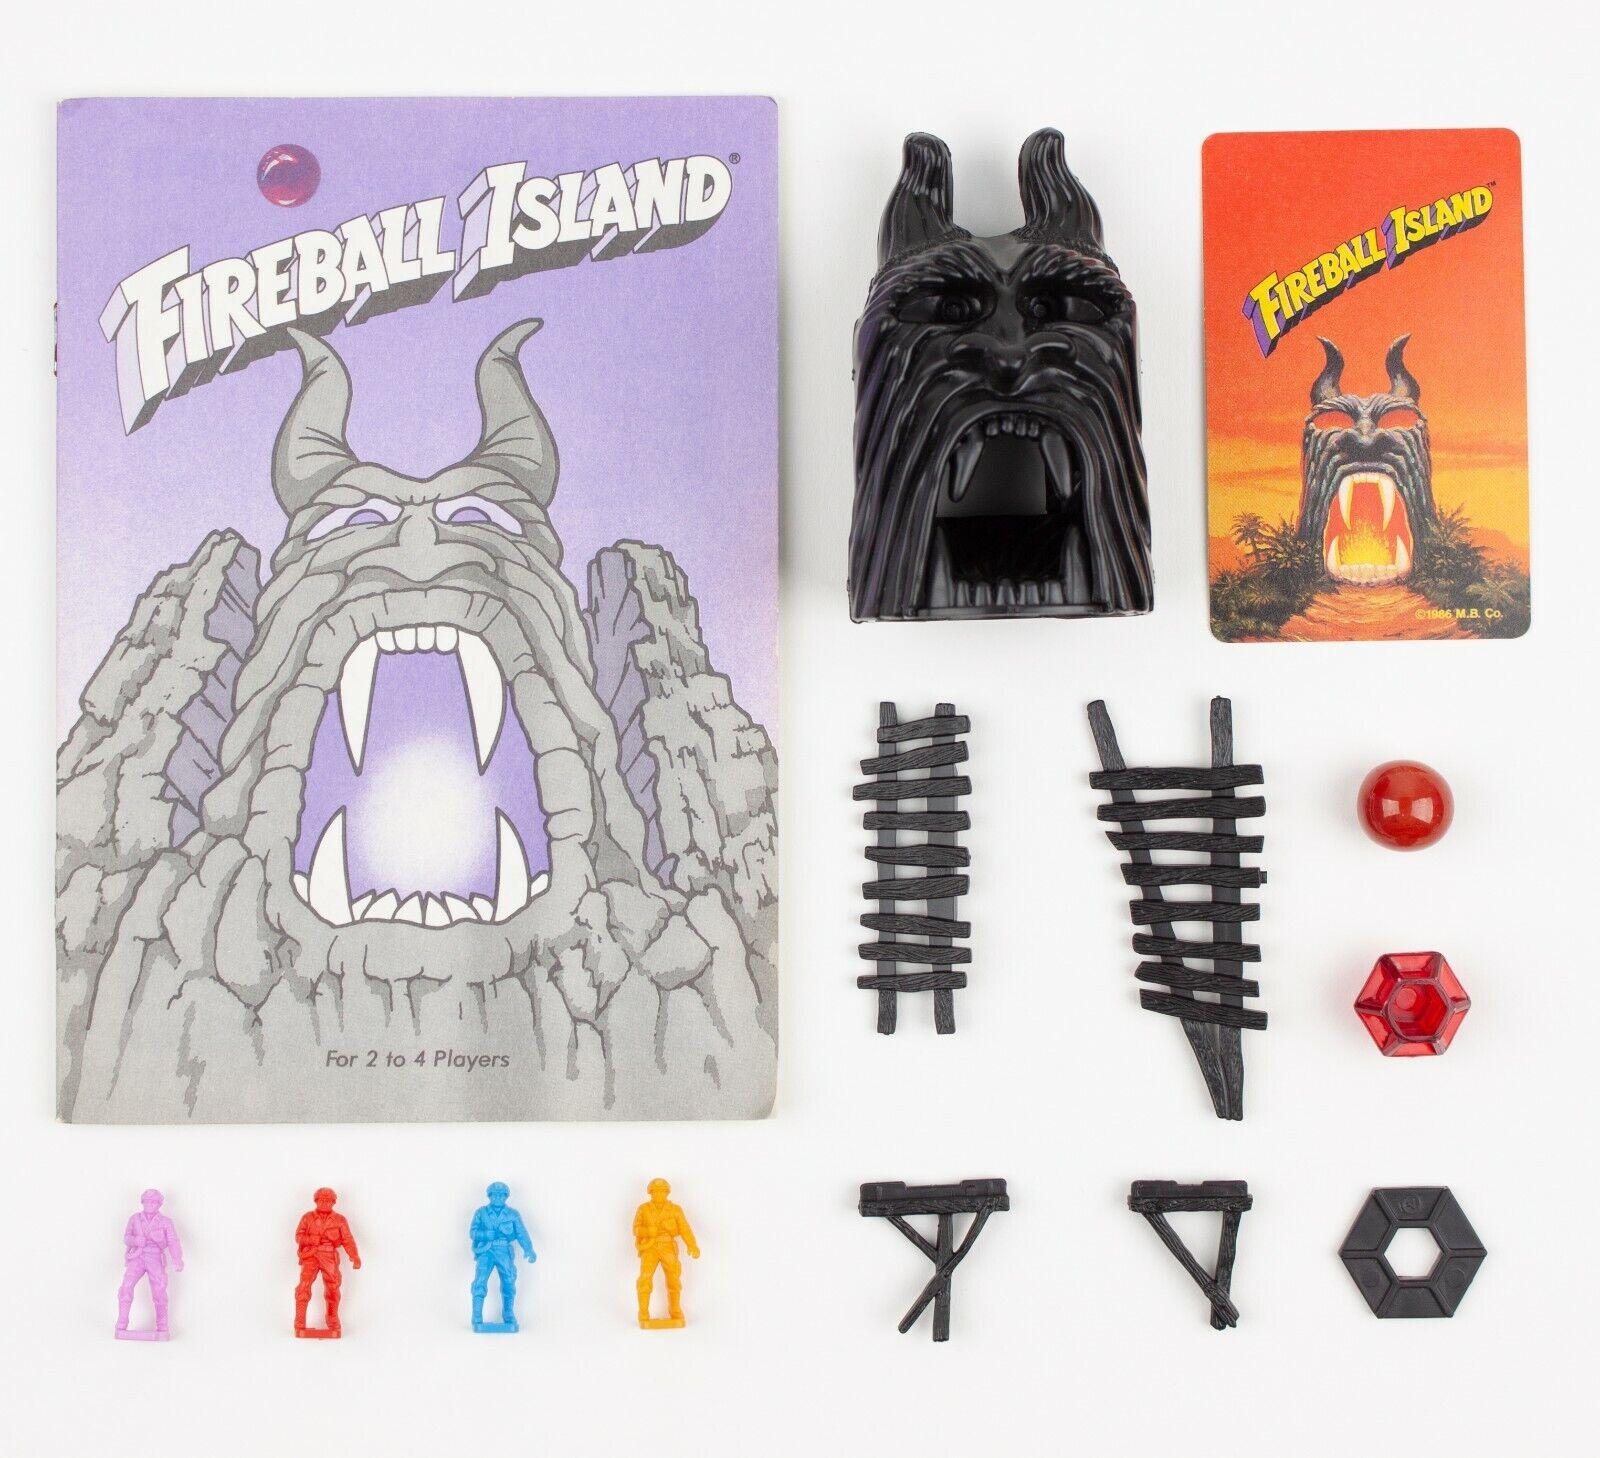 Fireball Island Original Pièces De Remplacement   complet de votre jeu